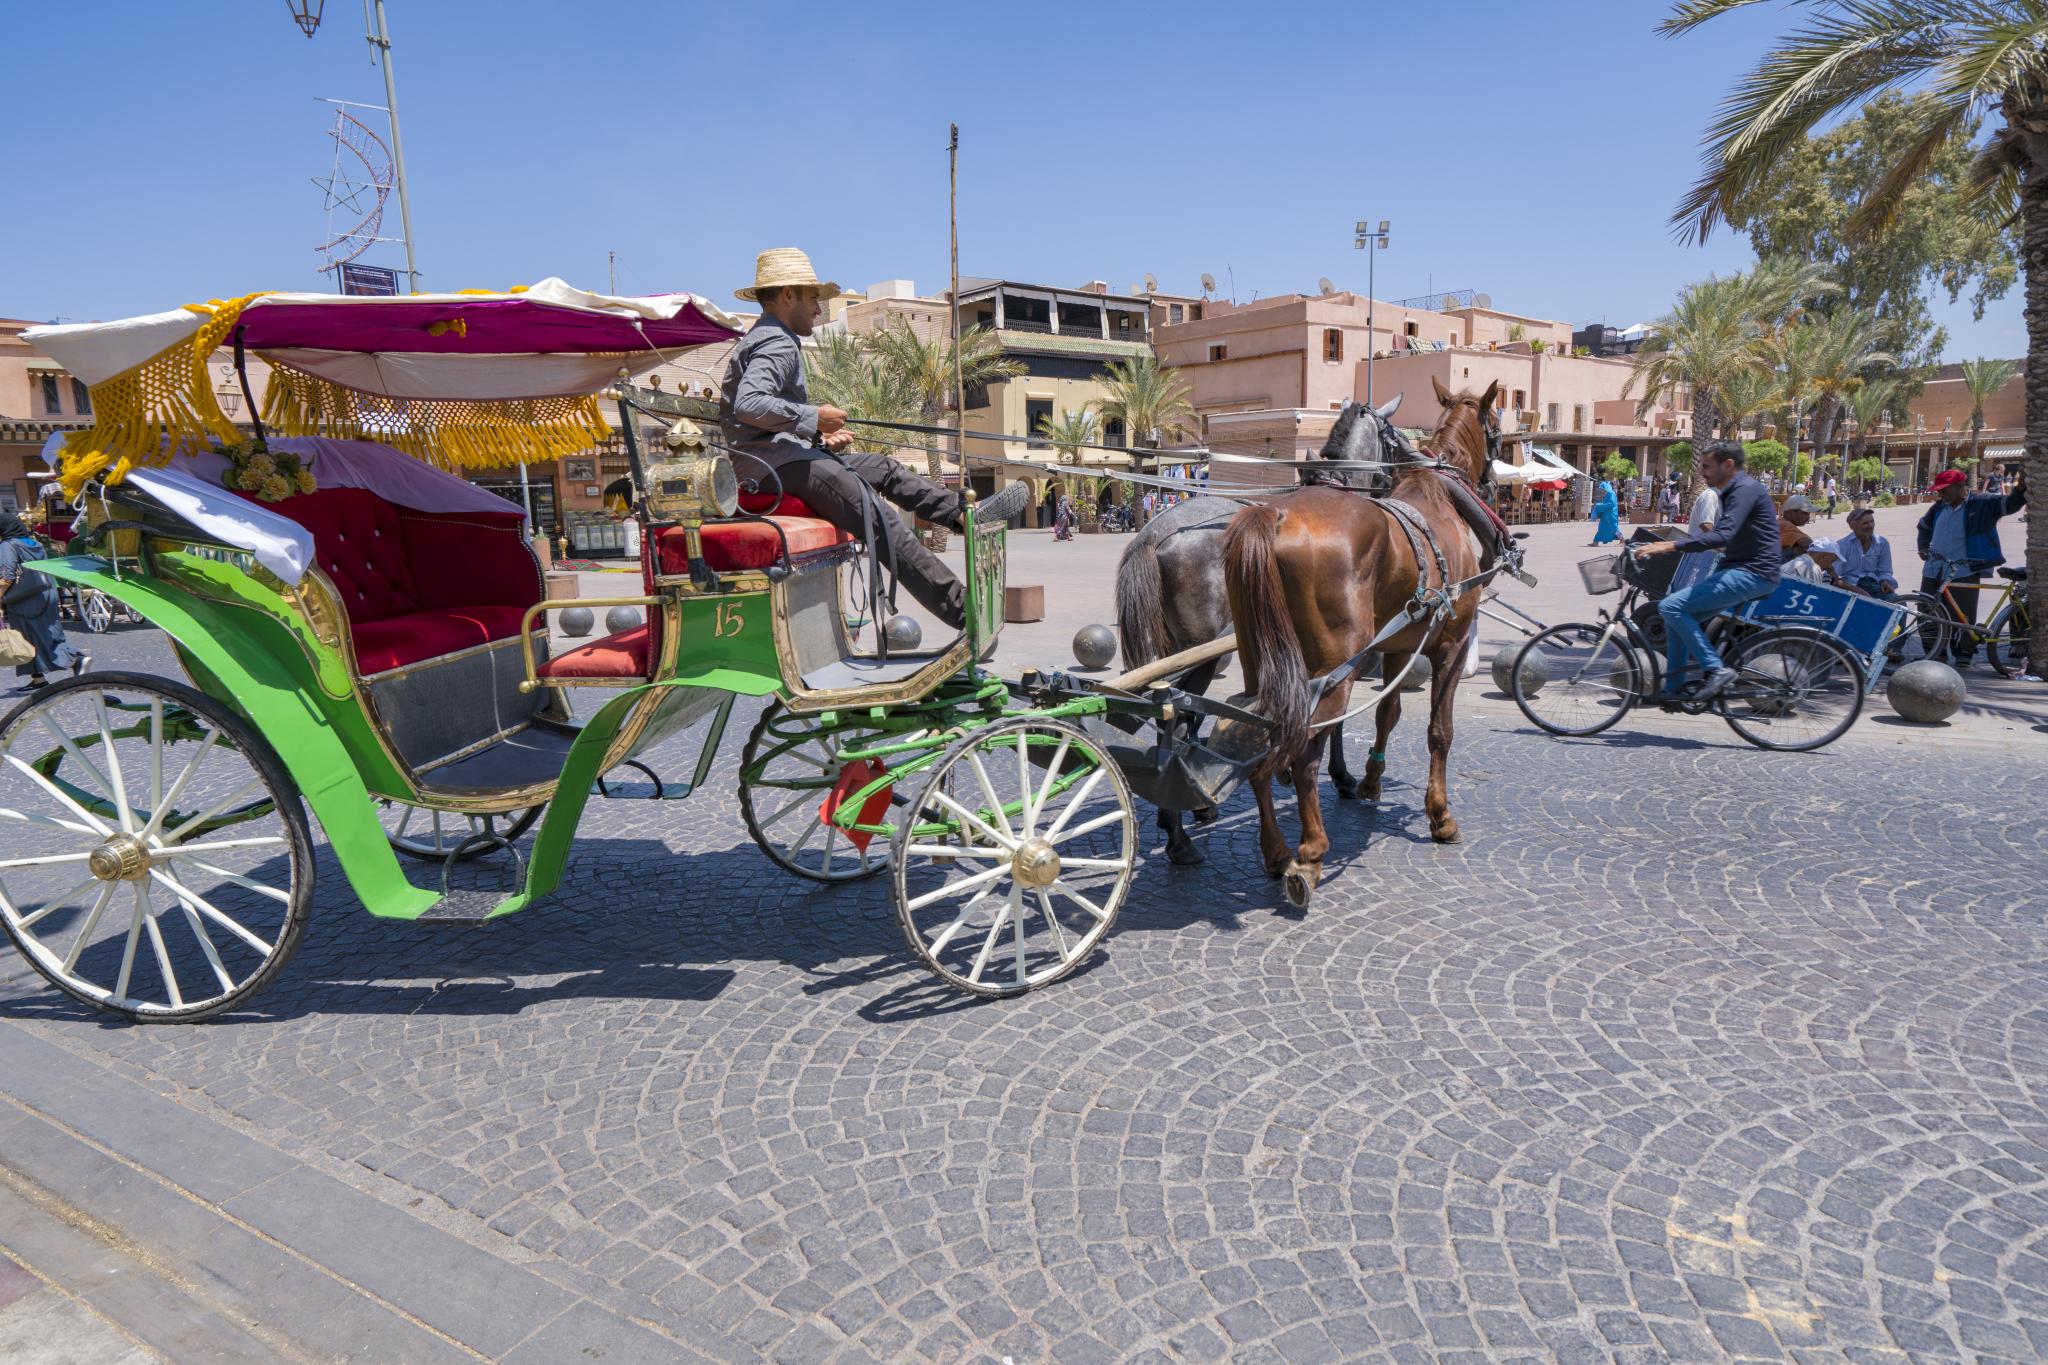 生活不只苟且,还有诗和远方,探寻色彩斑斓的国度摩洛哥_游记